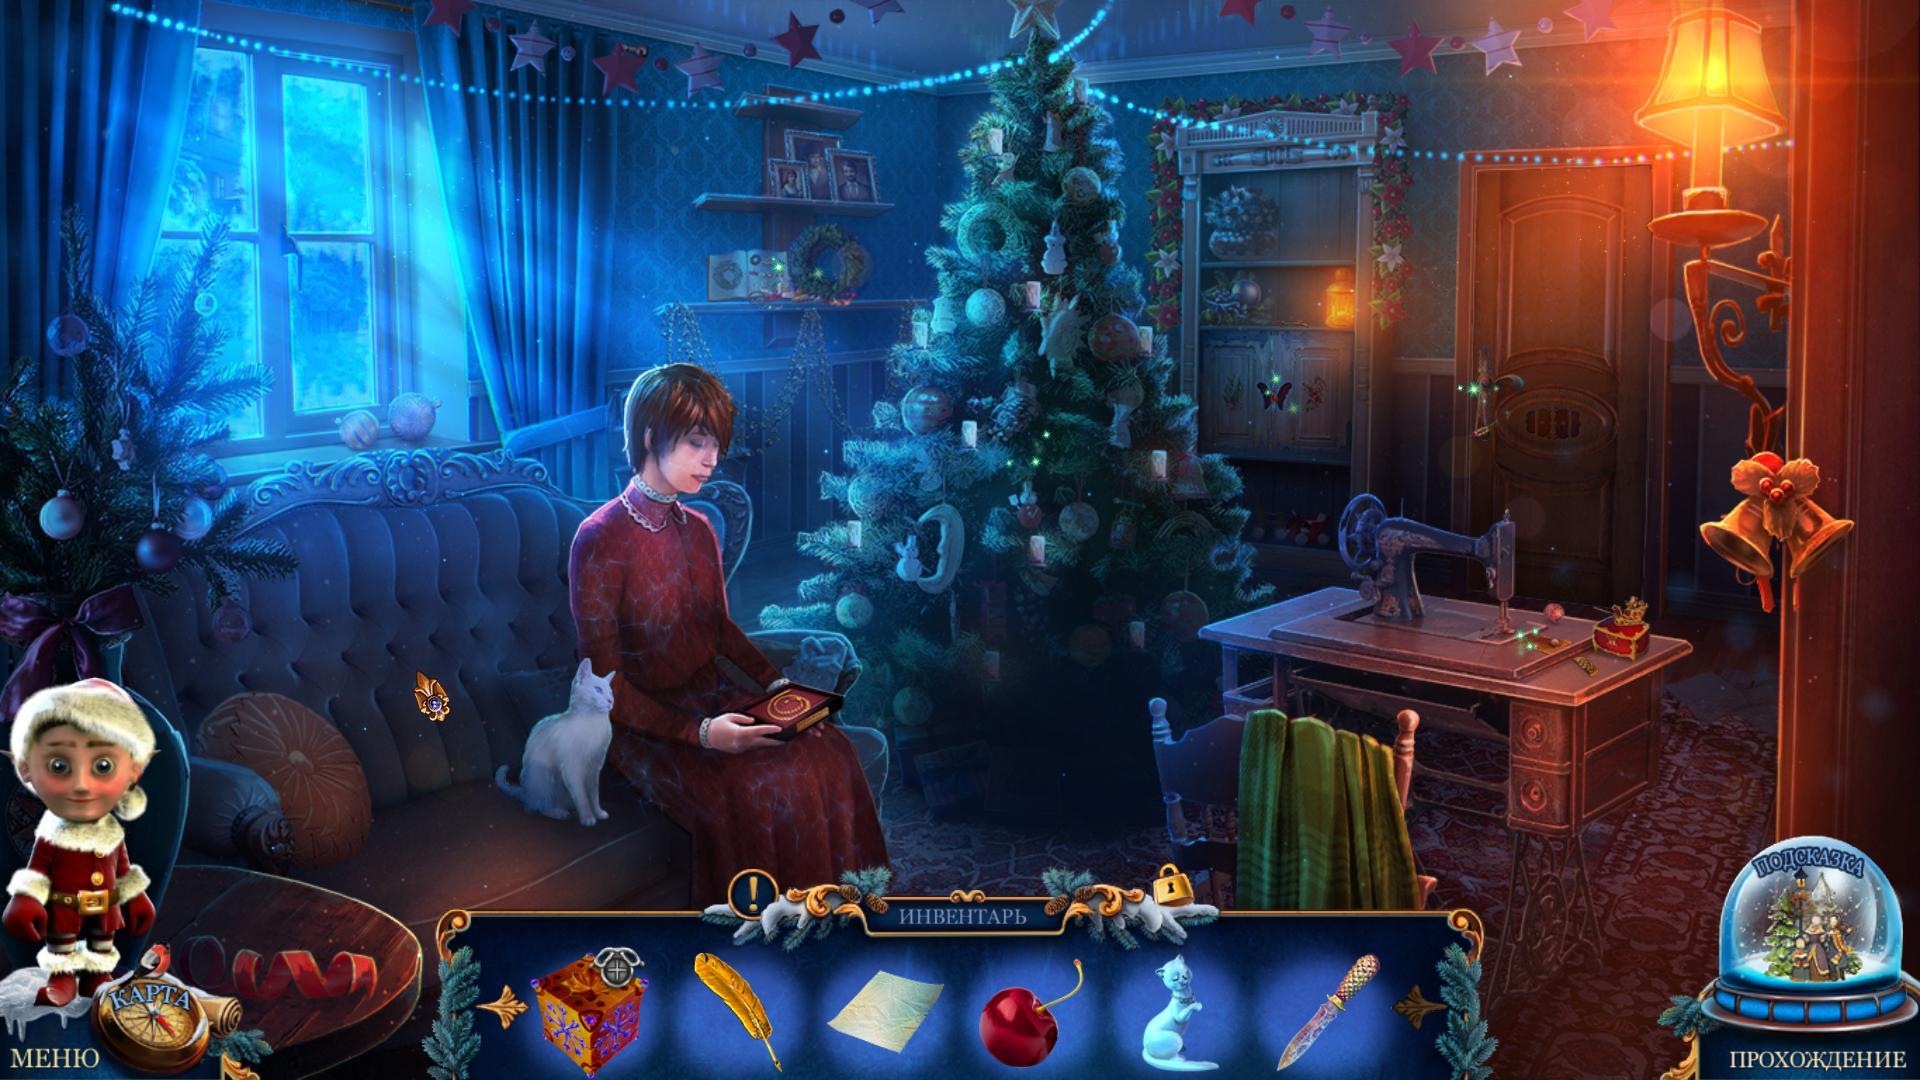 http://fs5.directupload.net/images/161204/8av74b4i.jpg